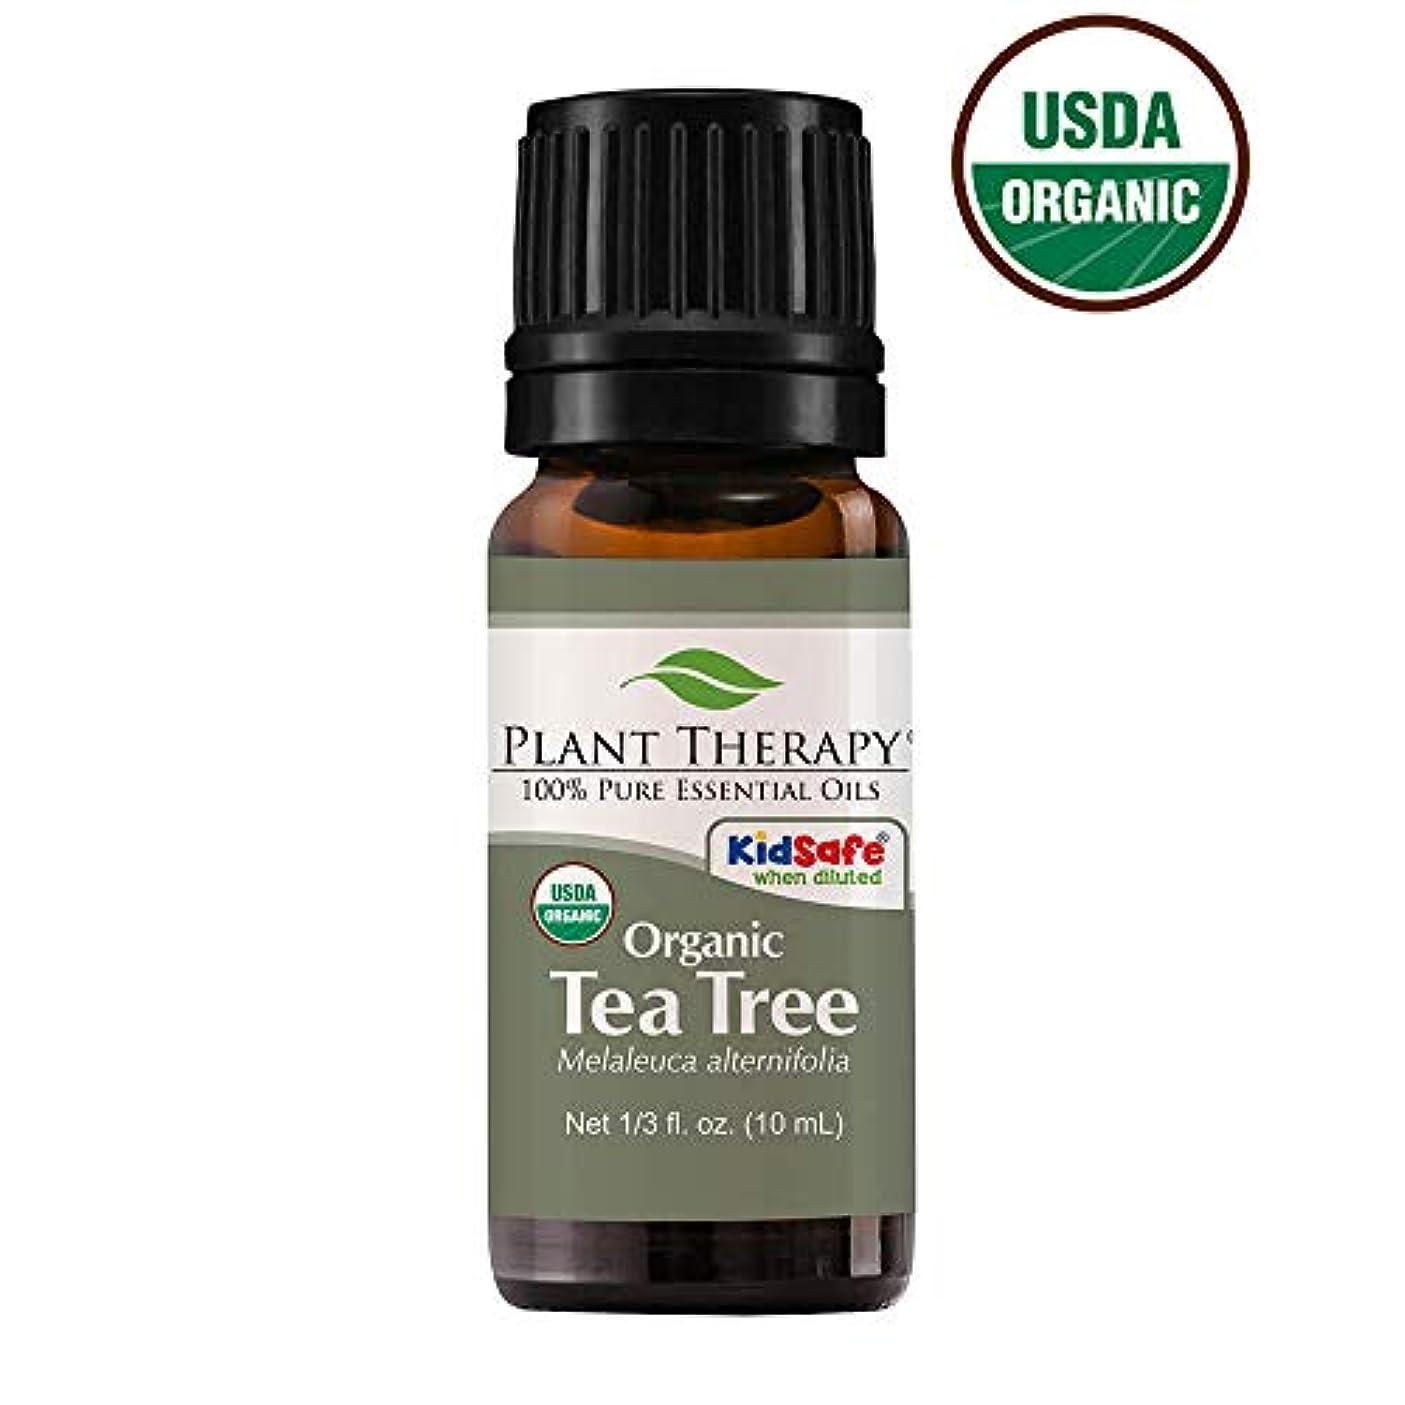 大量責めるバクテリアPlant Therapy Essential Oils (プラントセラピー エッセンシャルオイル) オーガニック ティーツリー (メラルーカ) エッセンシャルオイル